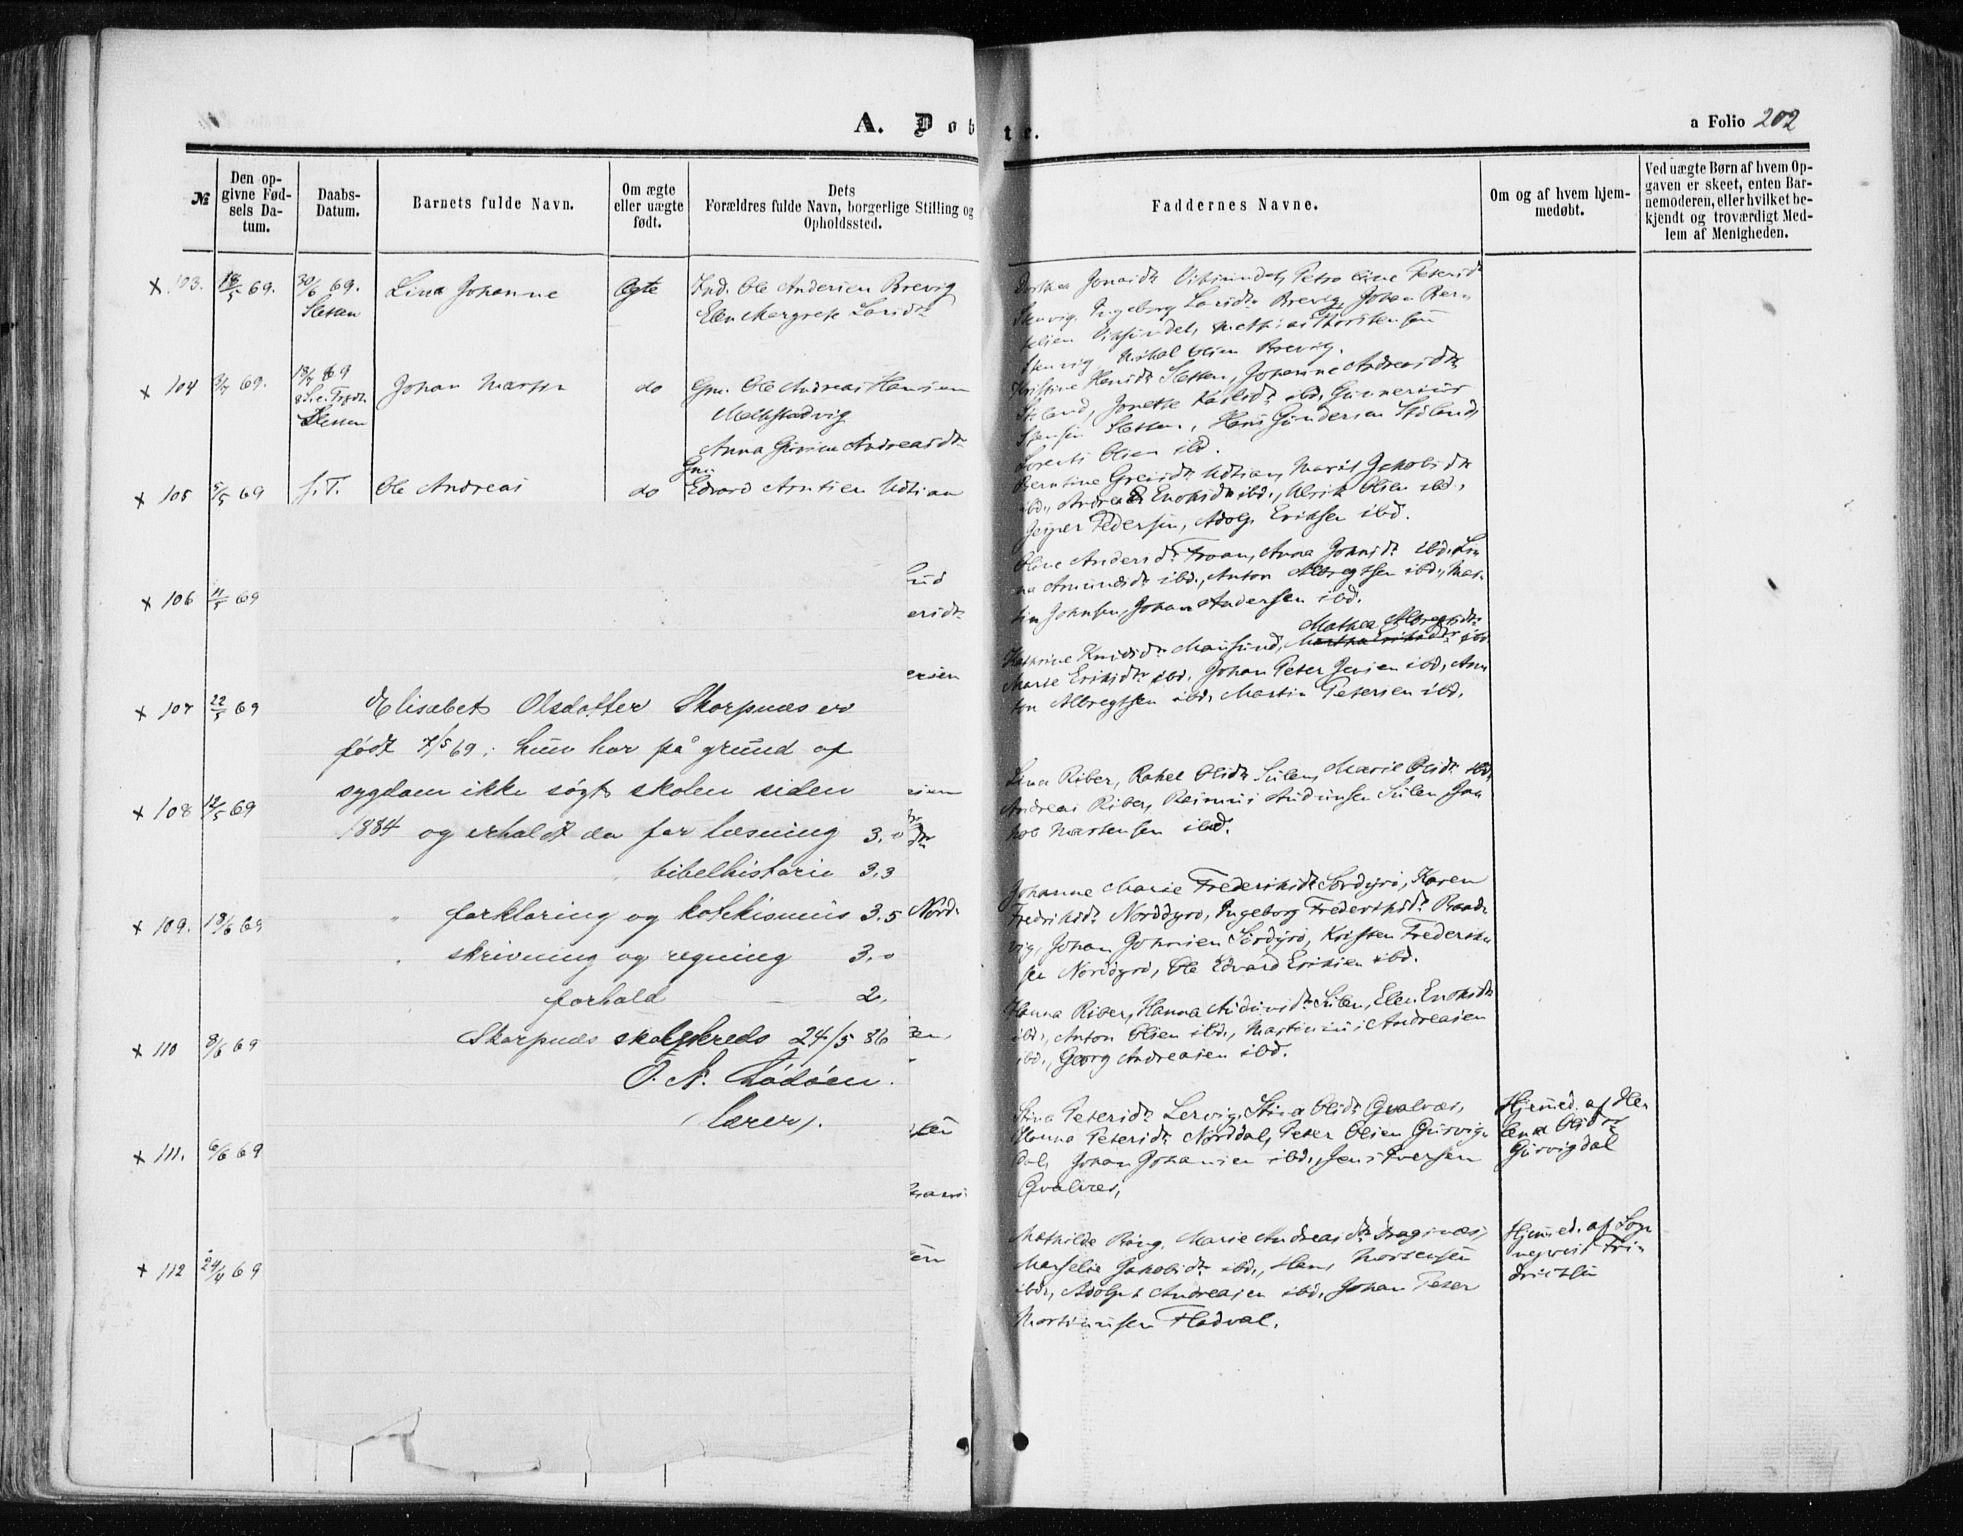 SAT, Ministerialprotokoller, klokkerbøker og fødselsregistre - Sør-Trøndelag, 634/L0531: Ministerialbok nr. 634A07, 1861-1870, s. 202